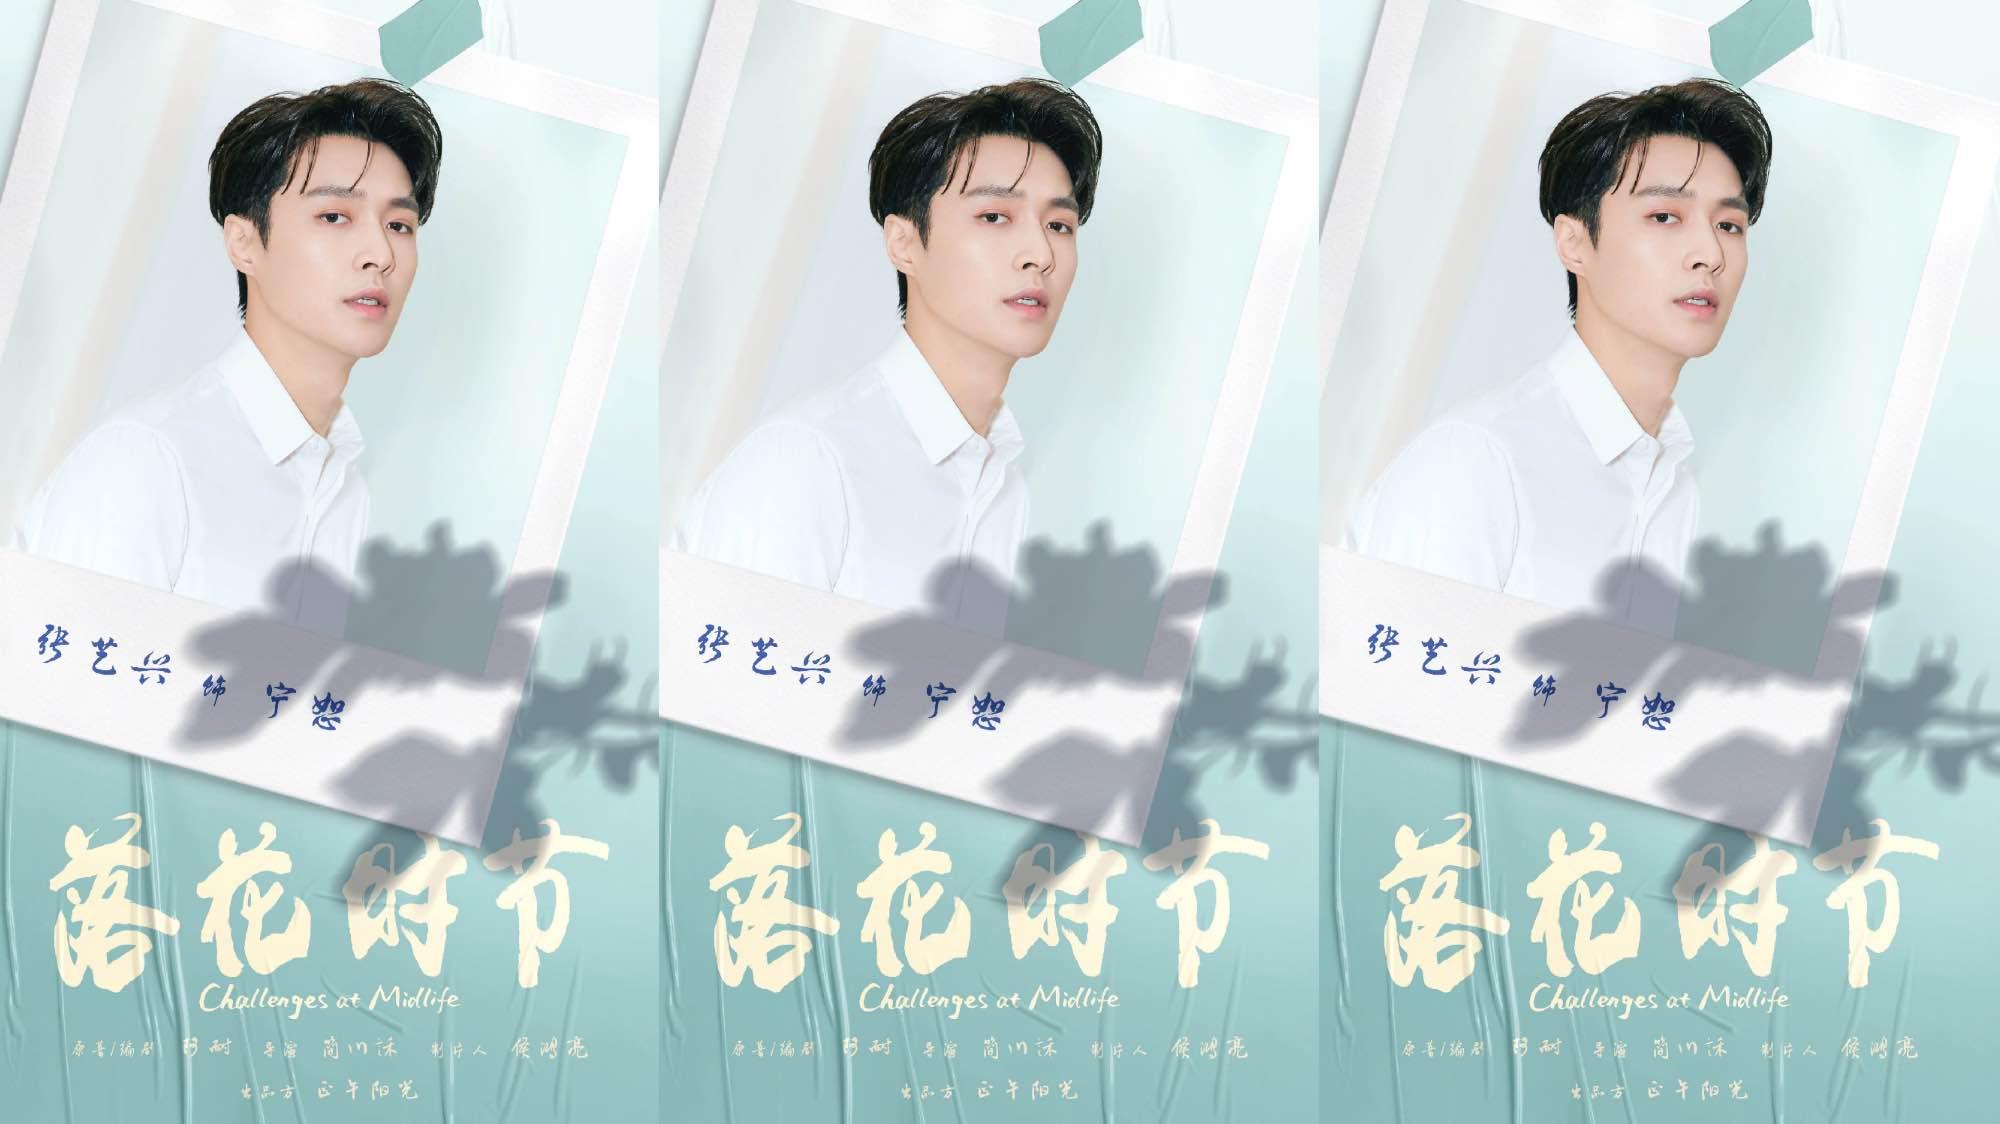 张艺兴新戏《落花时节》今日官宣 金牌班底挑战双面人生引期待